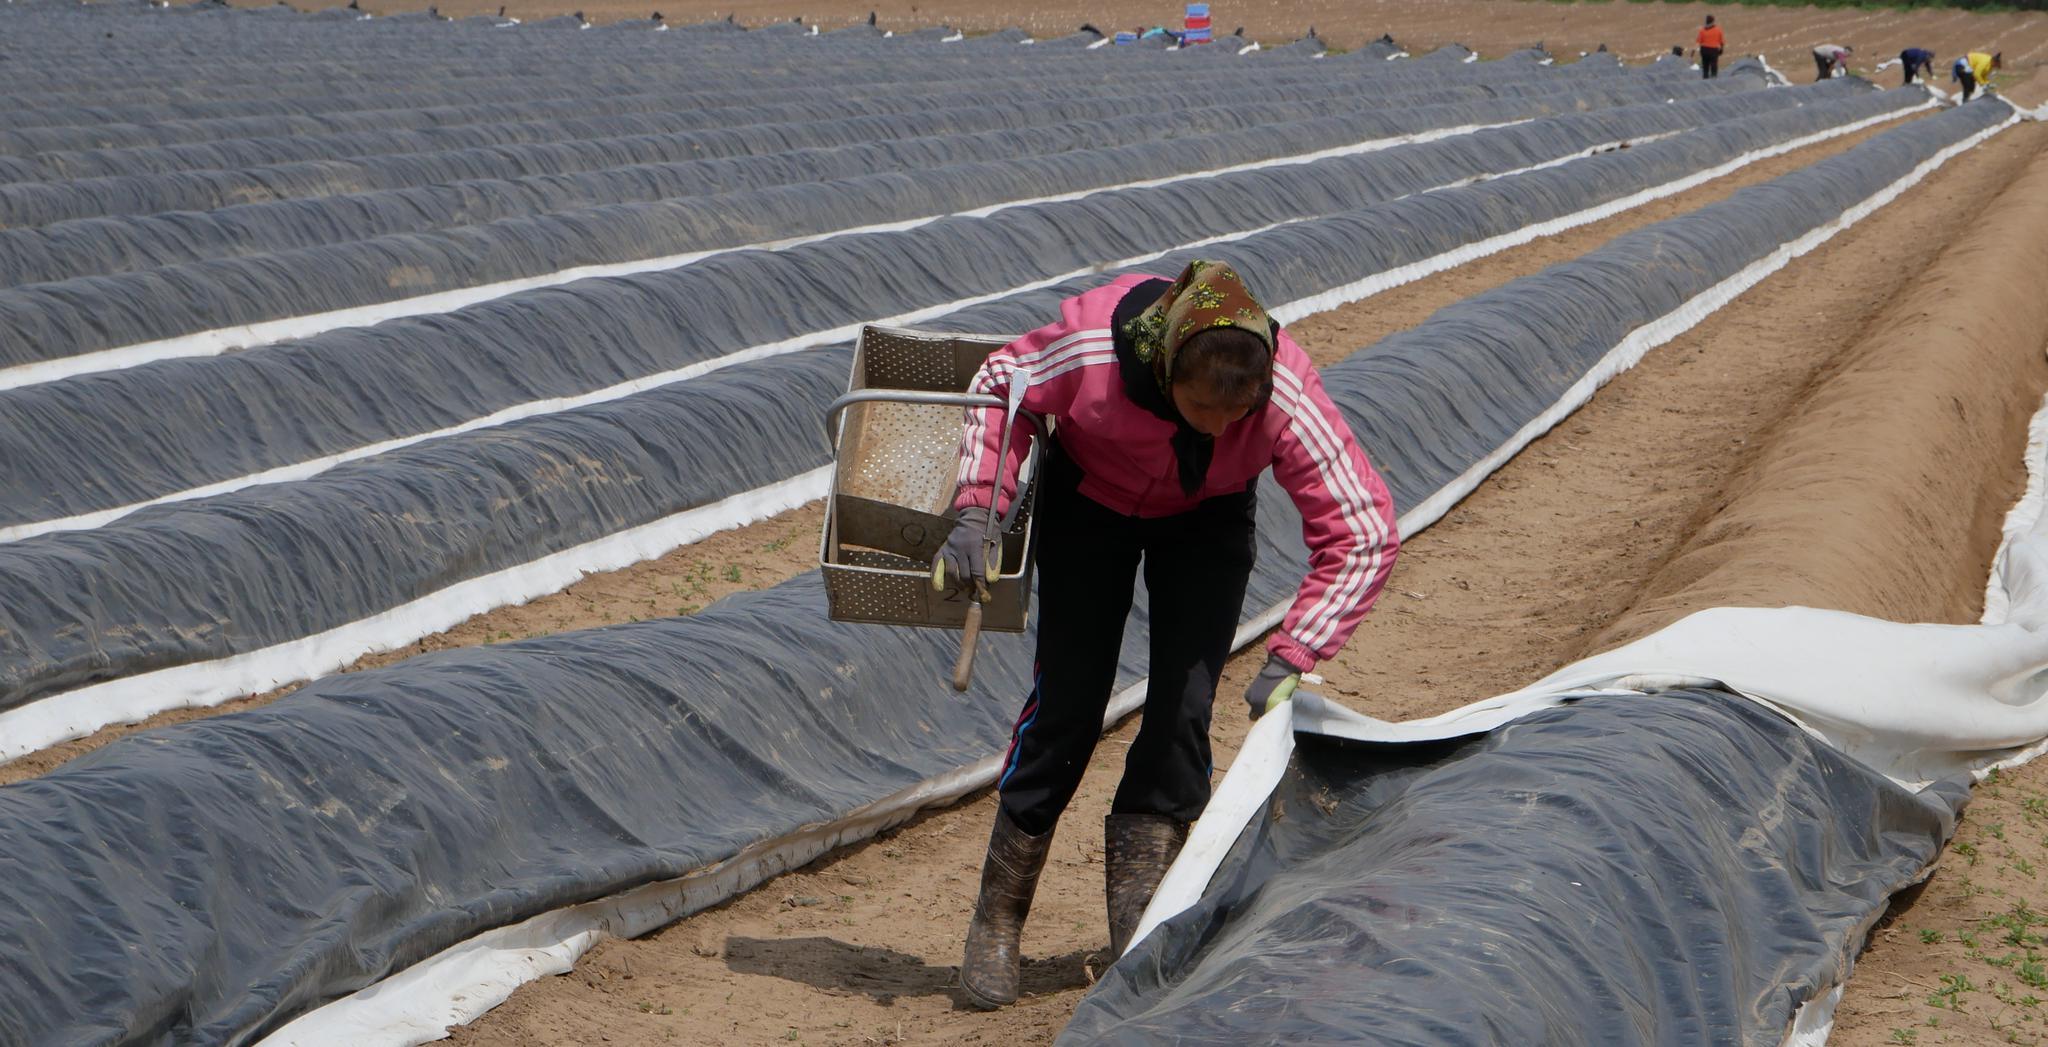 Saisonarbeit in der Landwirtschaft